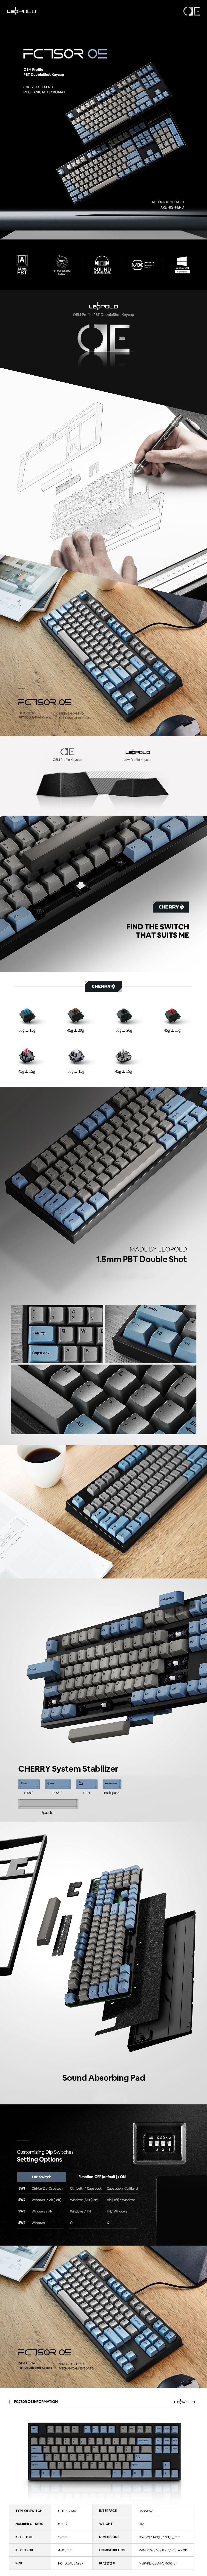 Leopold FC750R OE Blue/Grey TKL Mechanical Keyboard - Overview 1